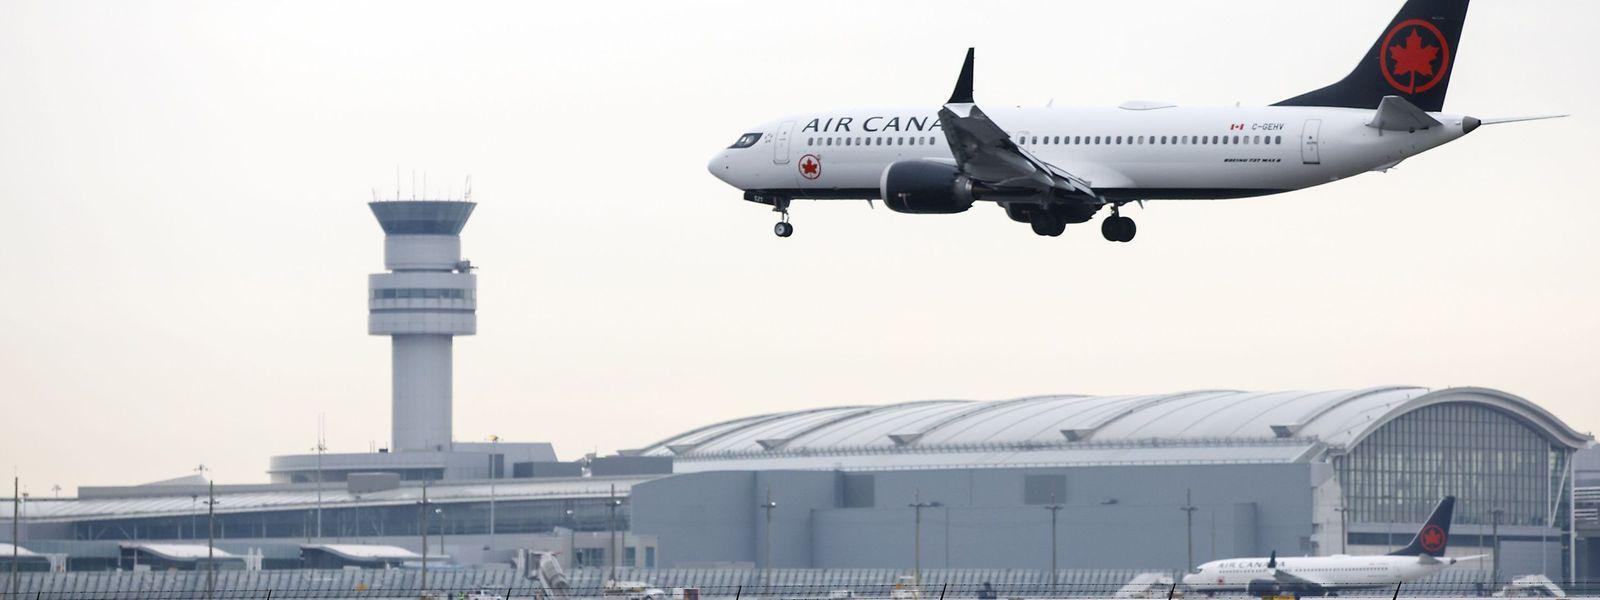 Air Canada hat 20 Maschinen der Modellreihe Boeing 737 Max in ihrer Flotte. Die Fluggesellschaft strich wegen des Flugverbots ihre Gewinnziele für das laufende Jahr.